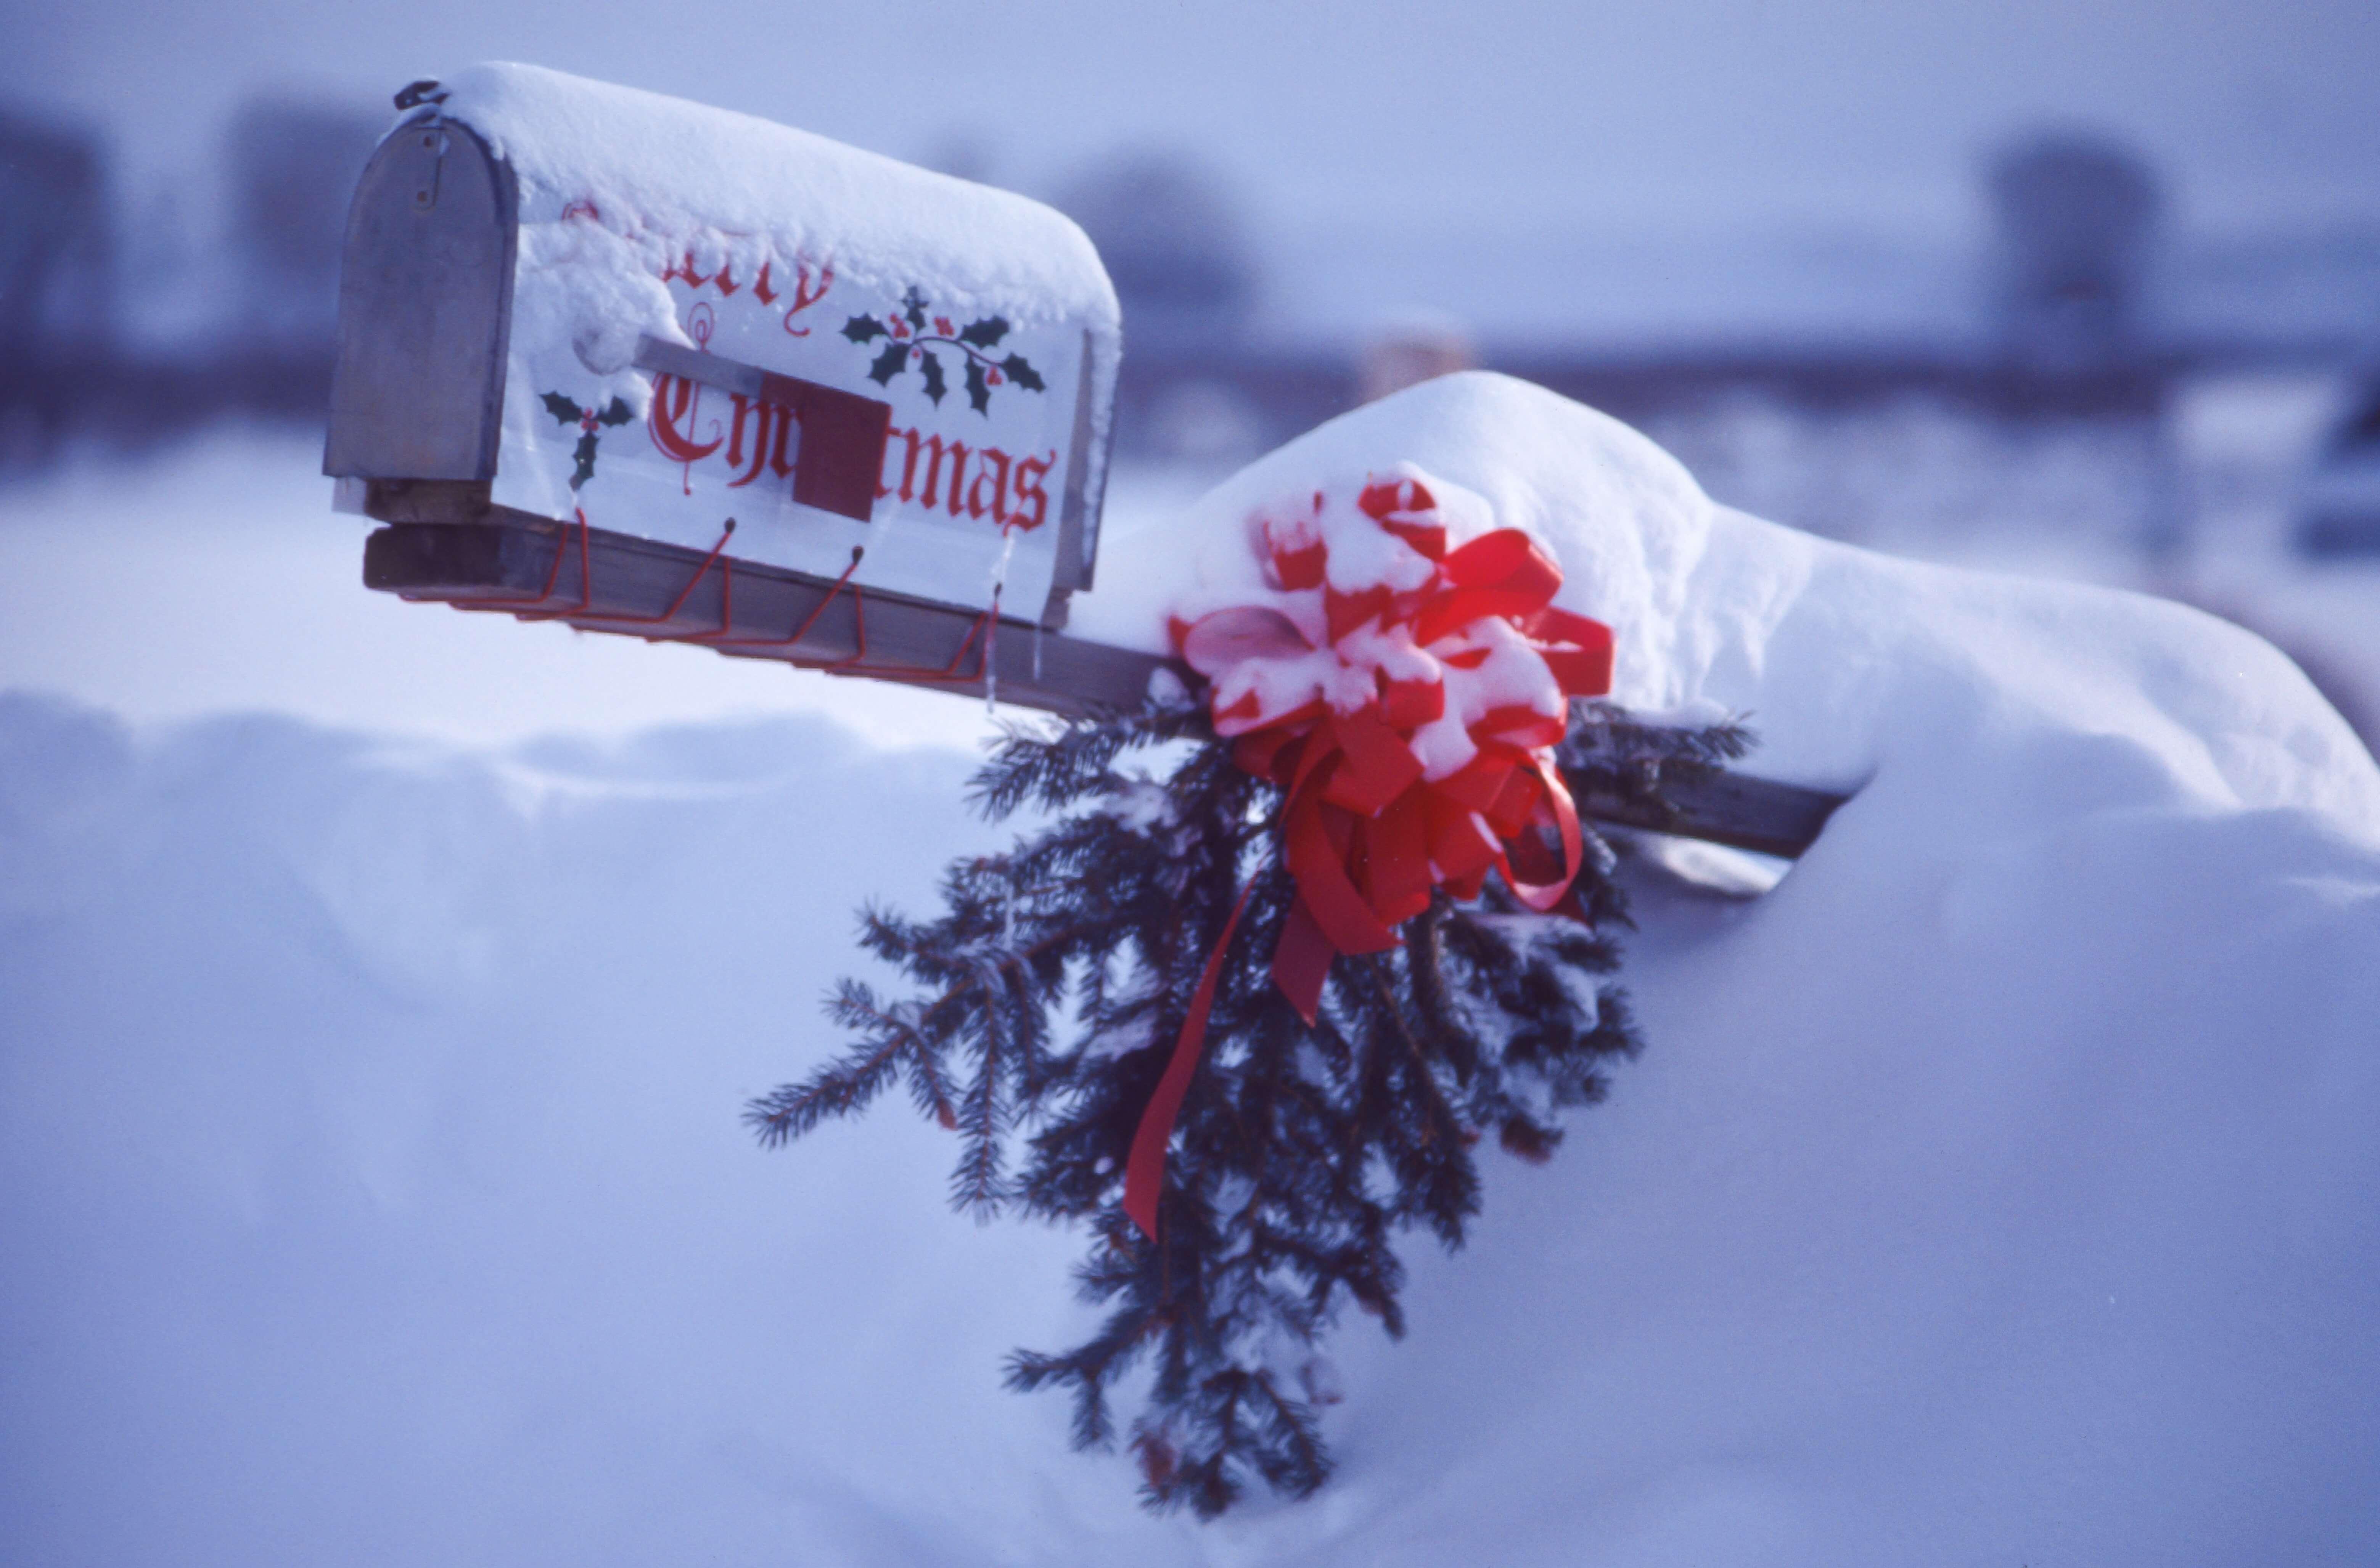 abwesenheitsnotiz weihnachten